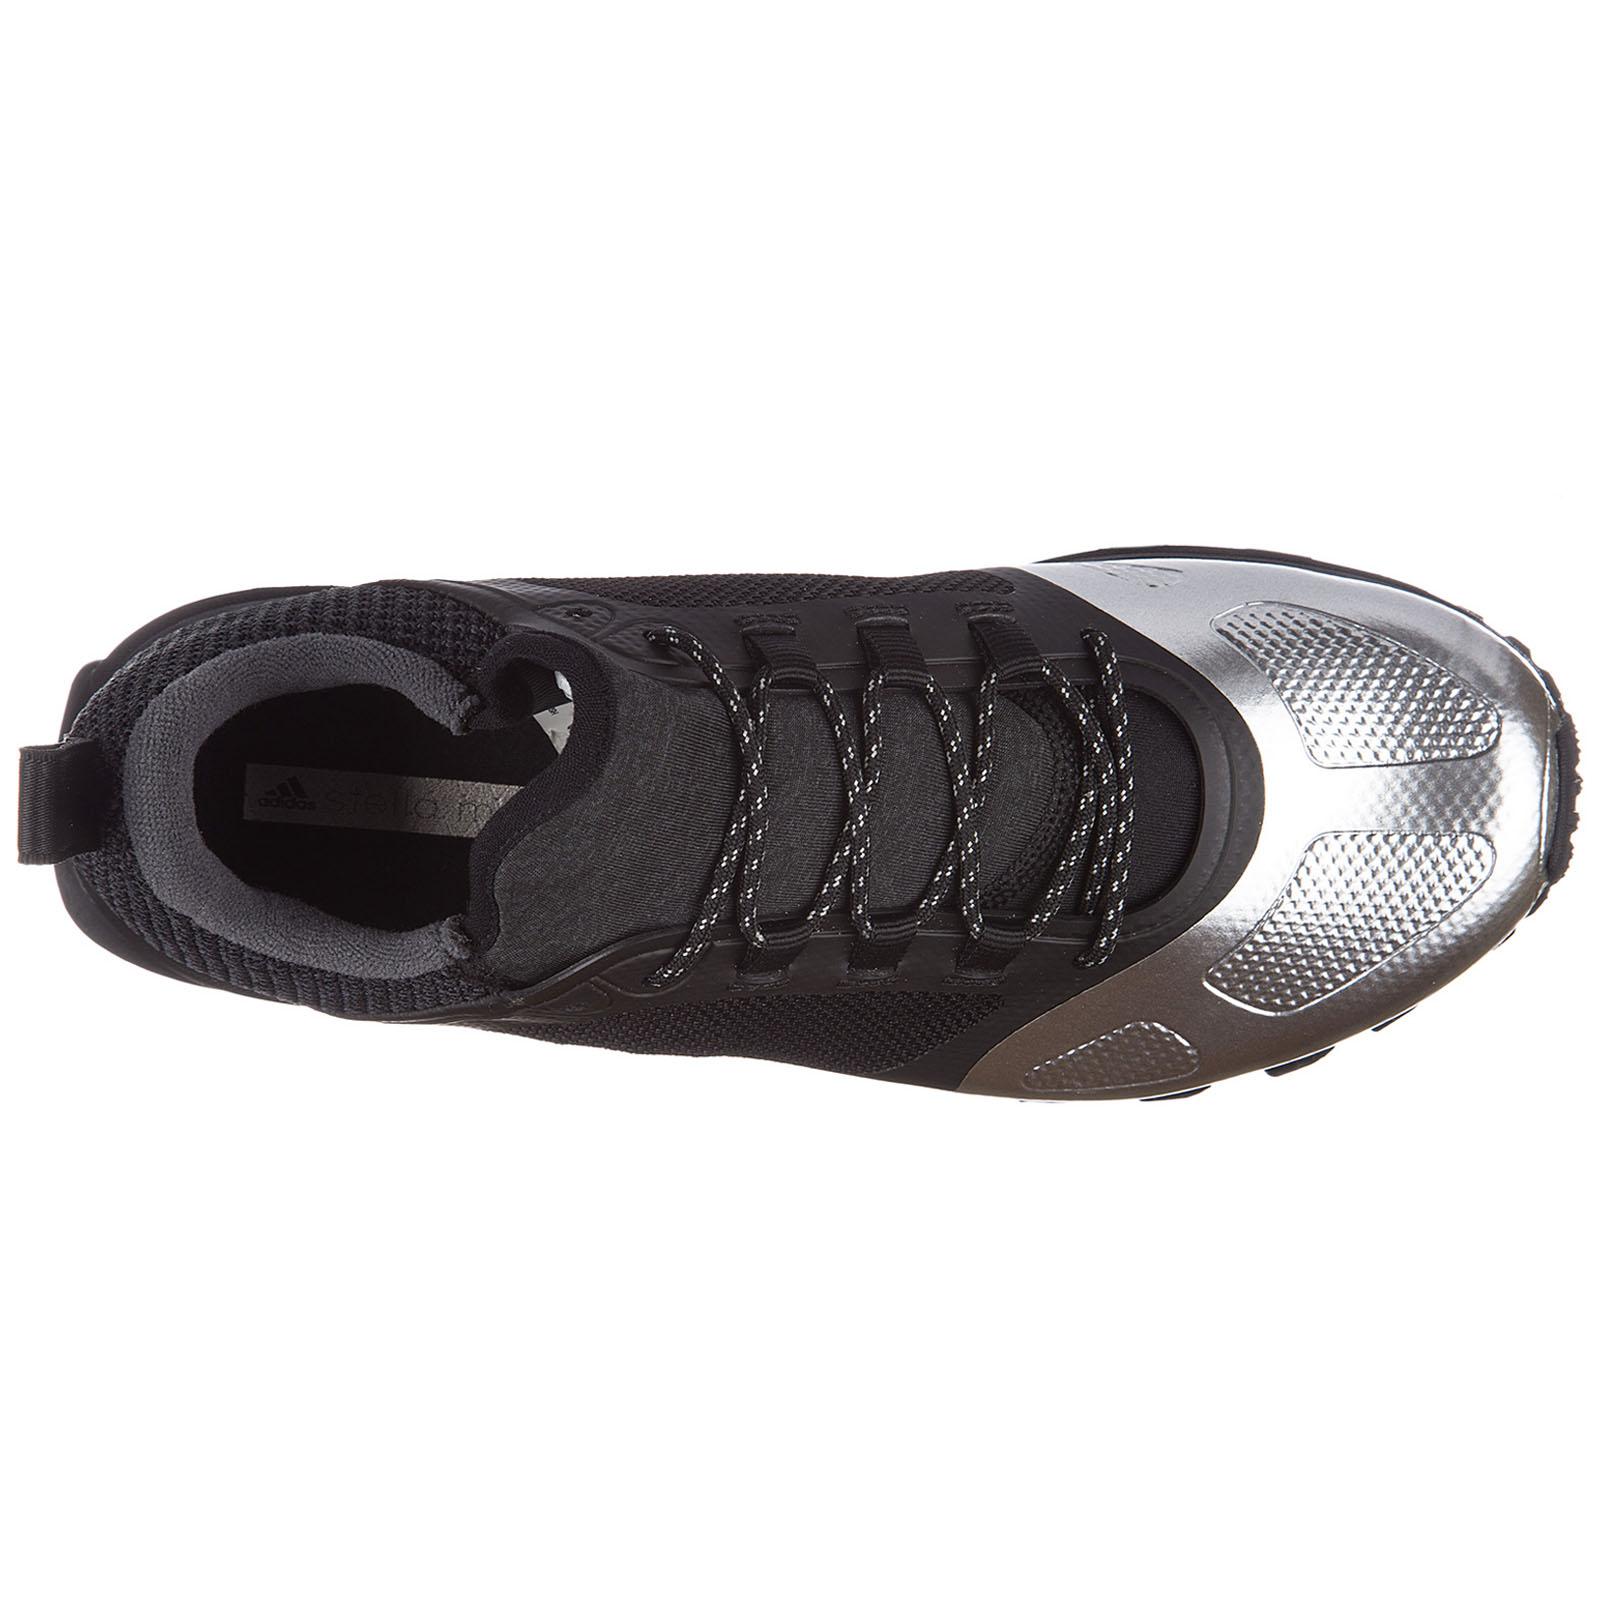 Zapatos zapatillas de deporte mujer  adizero xt